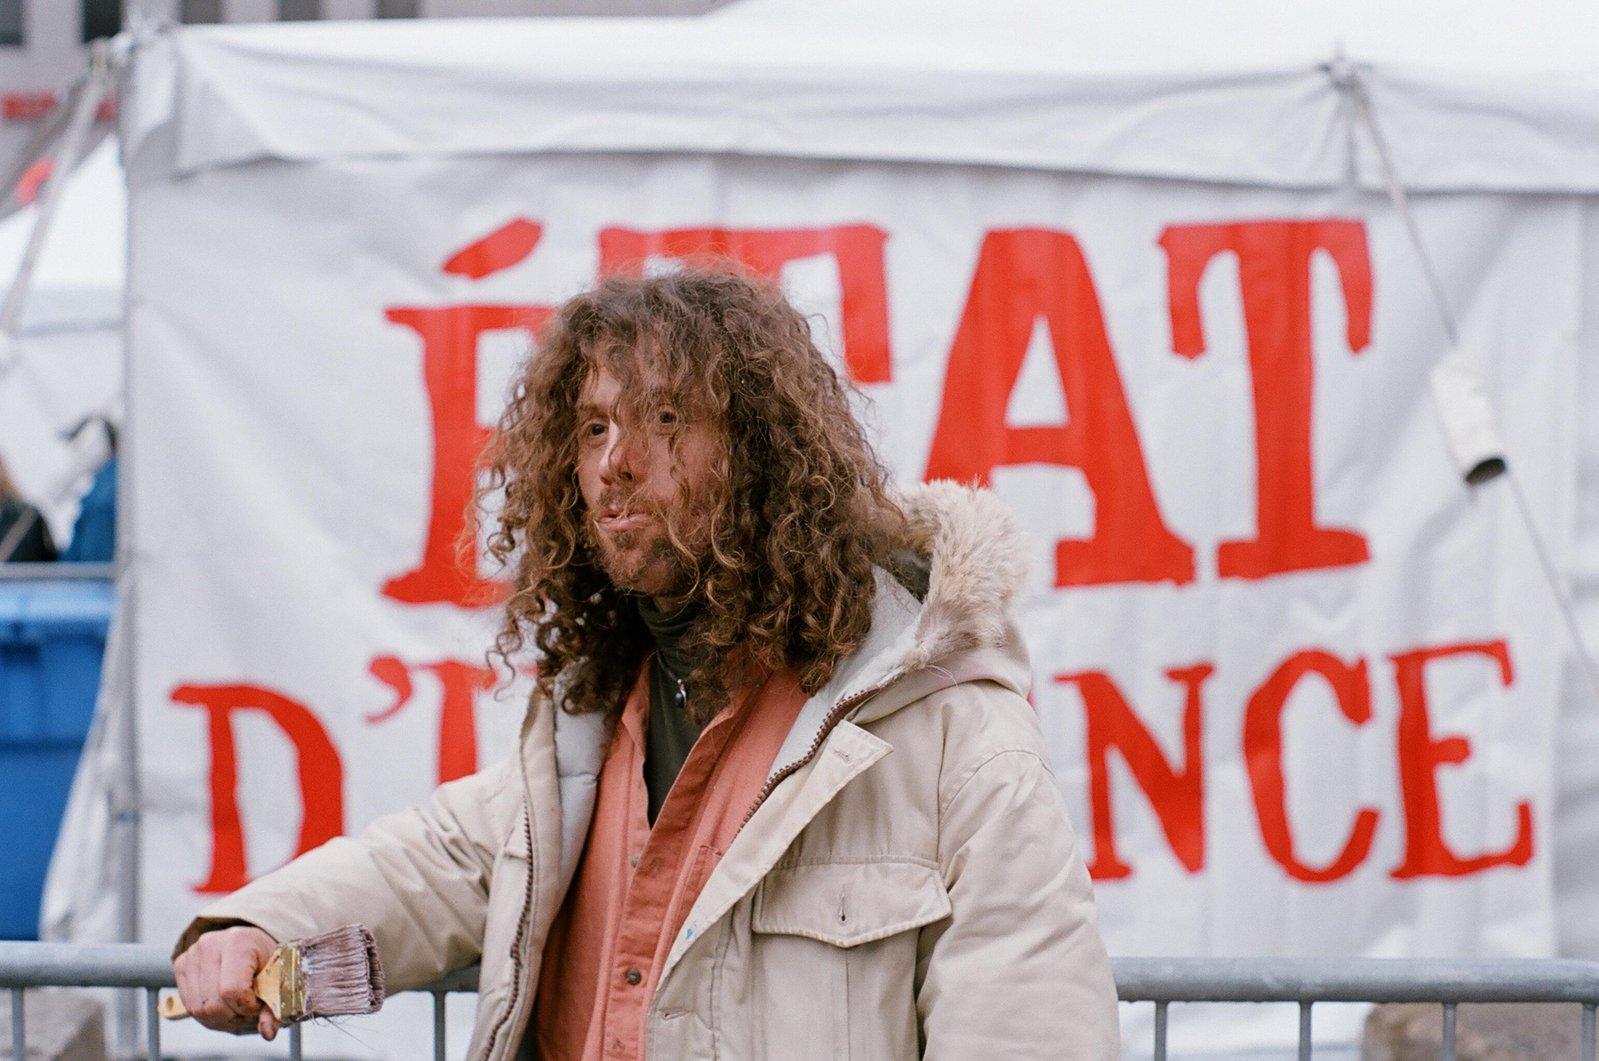 IZZY the homeless guy